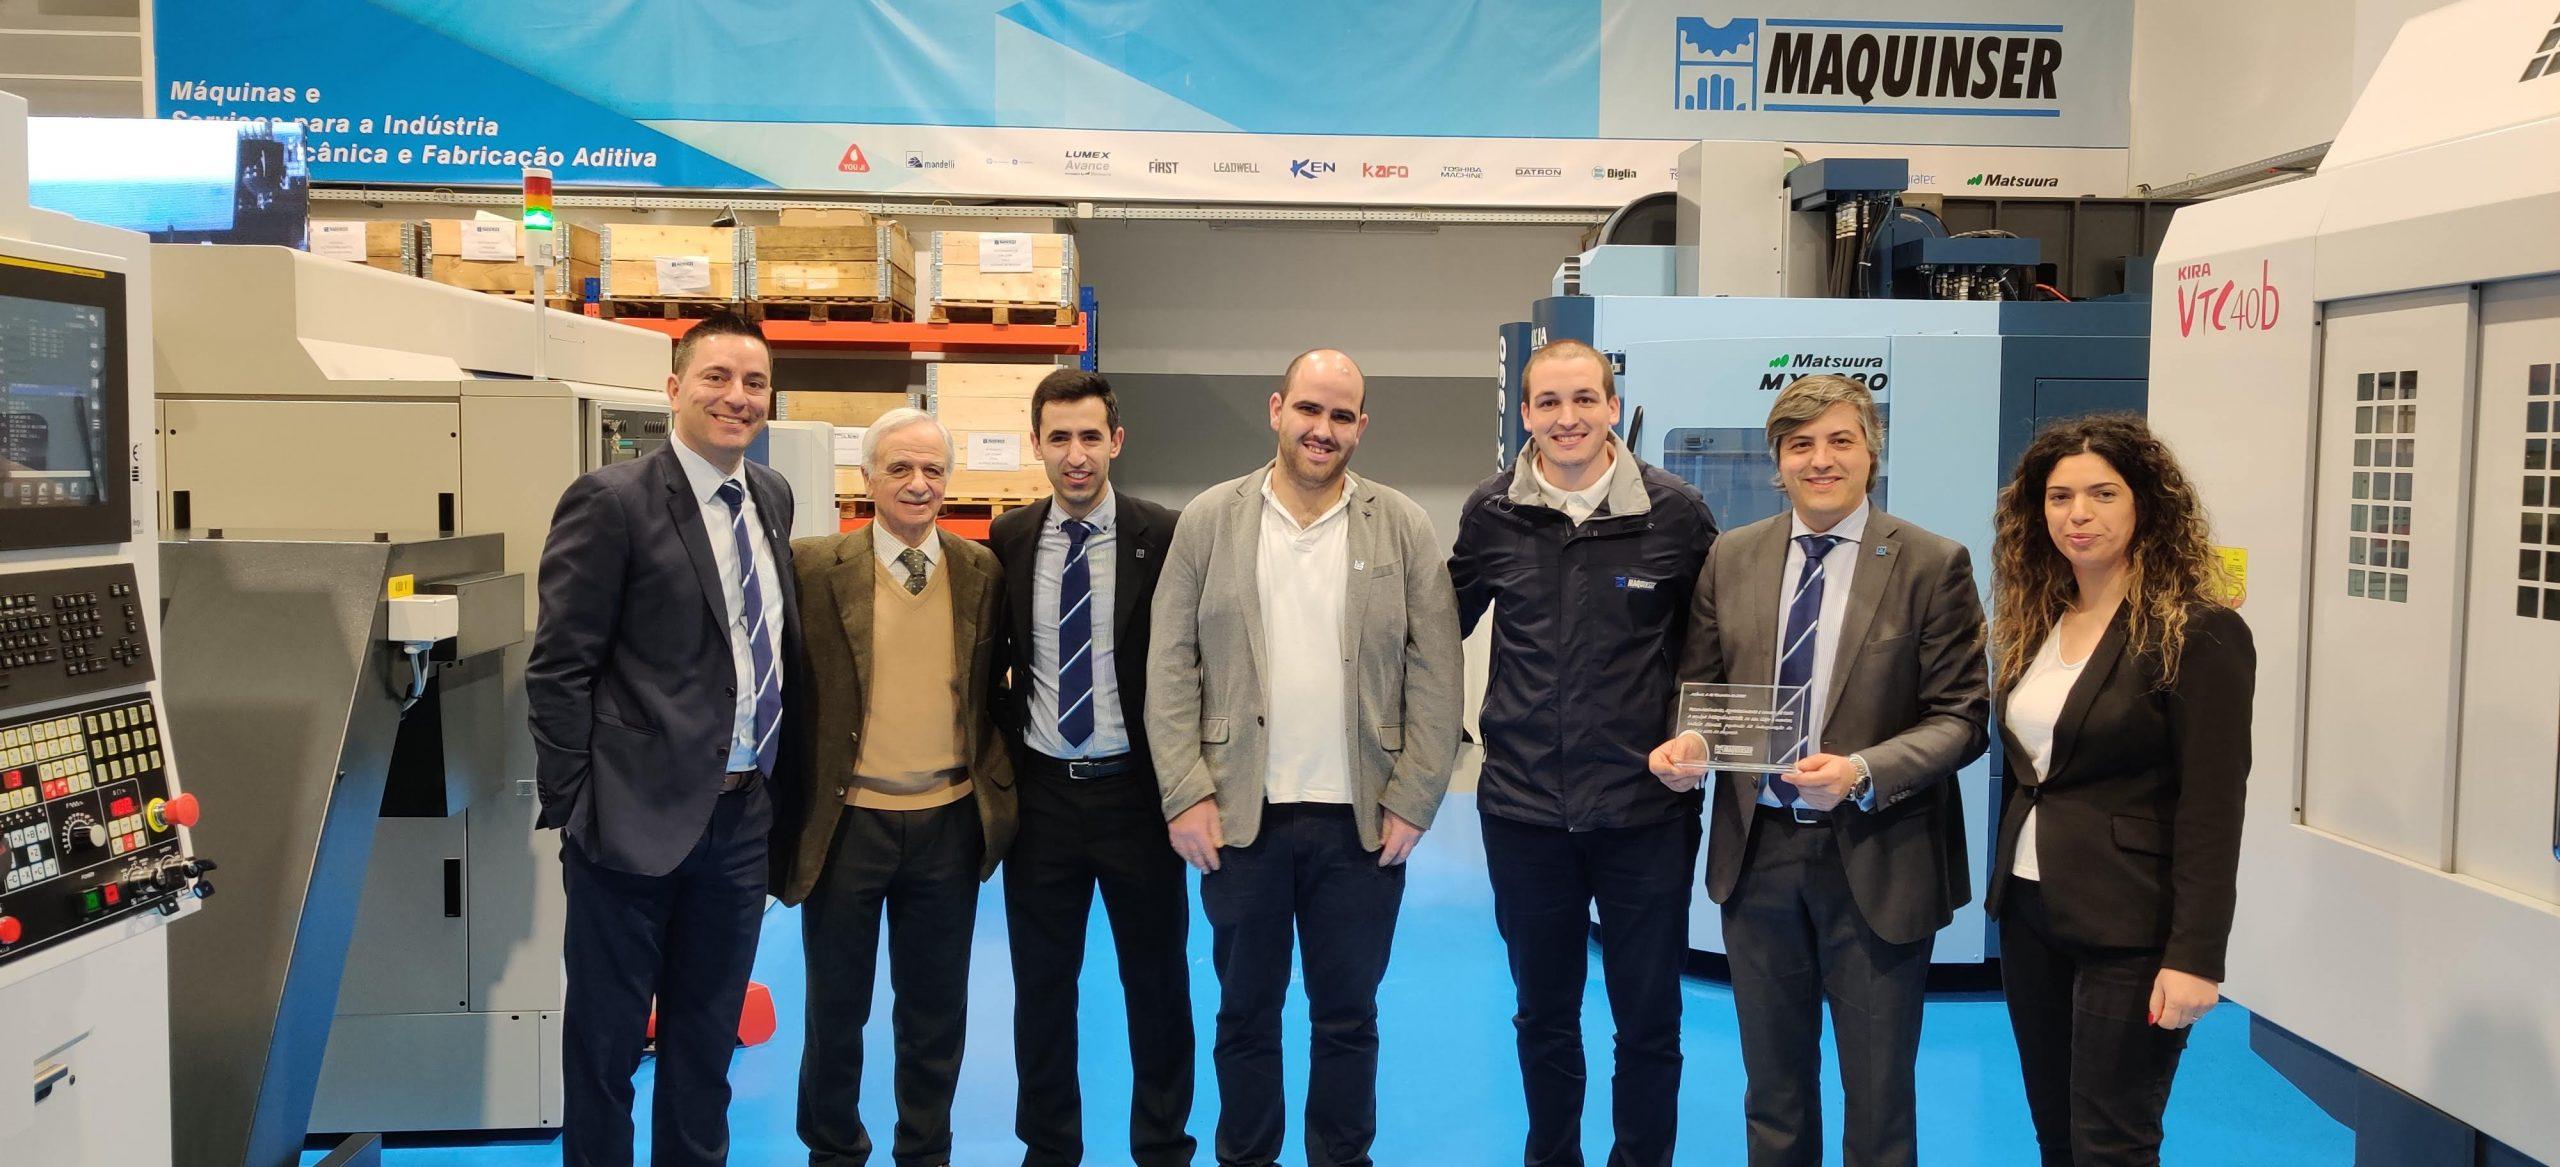 Nuevas Instalaciones de Maquinser Portugal